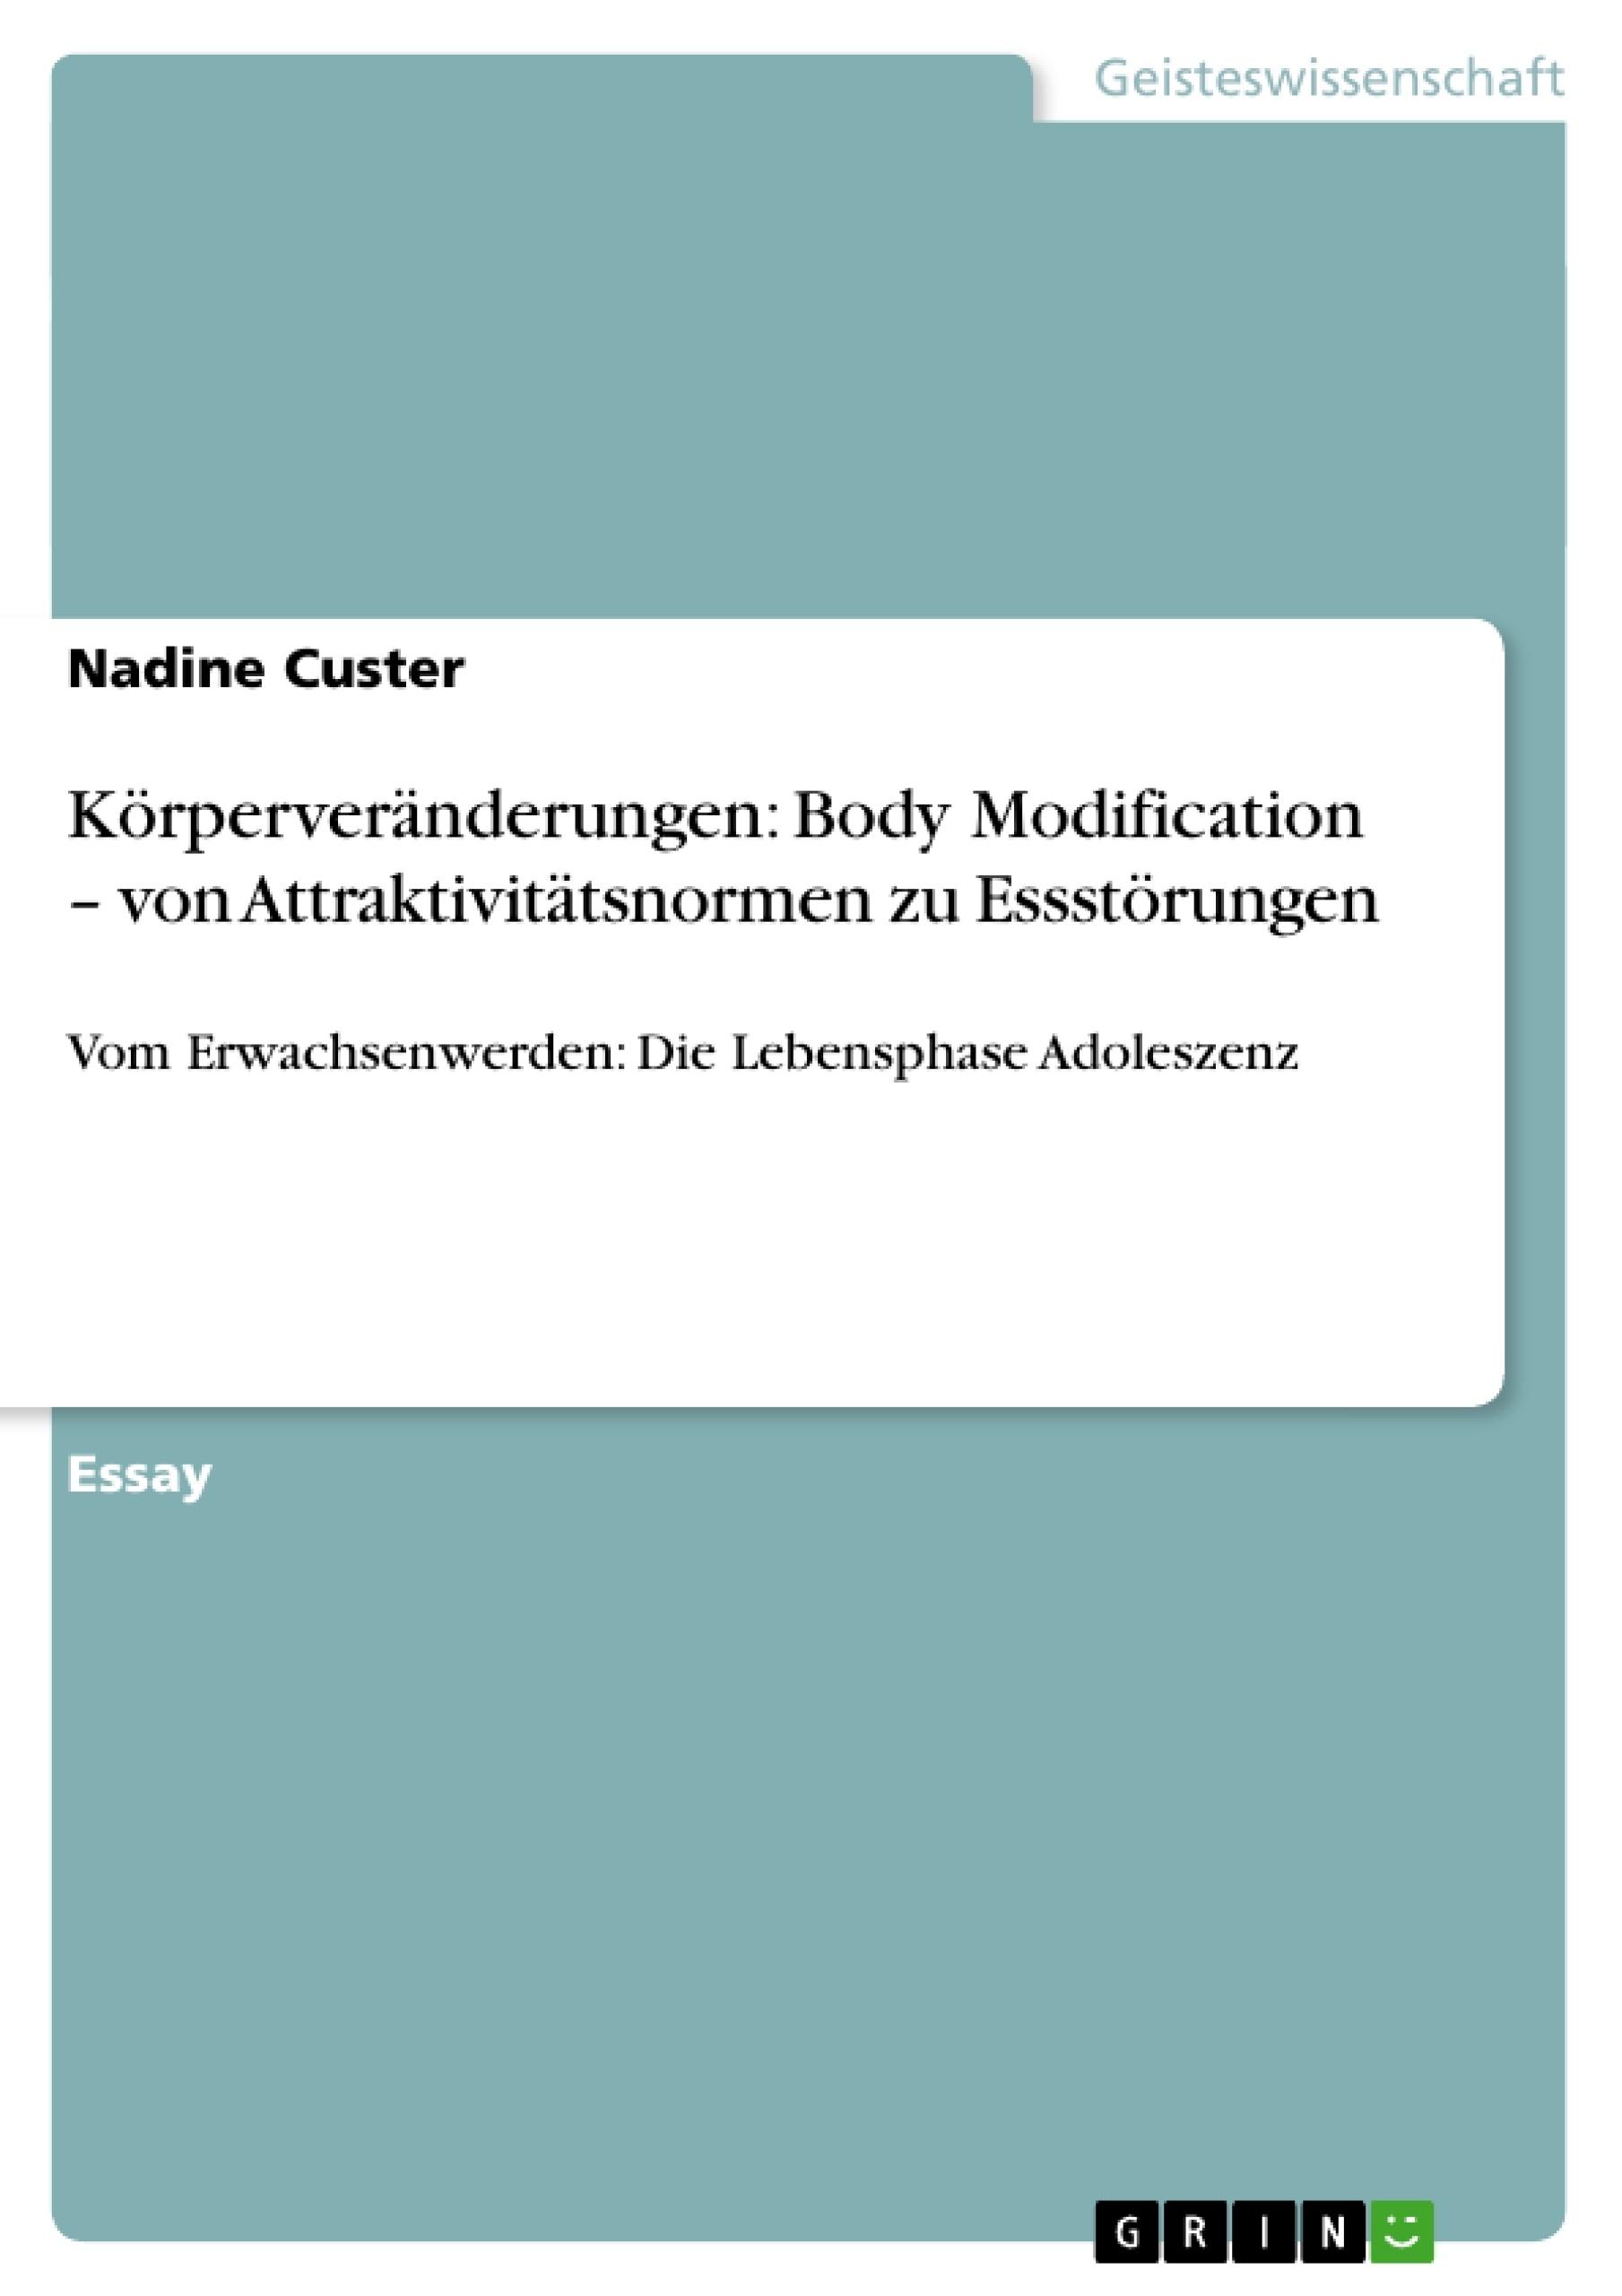 Titel: Körperveränderungen: Body Modification – von Attraktivitätsnormen zu Essstörungen